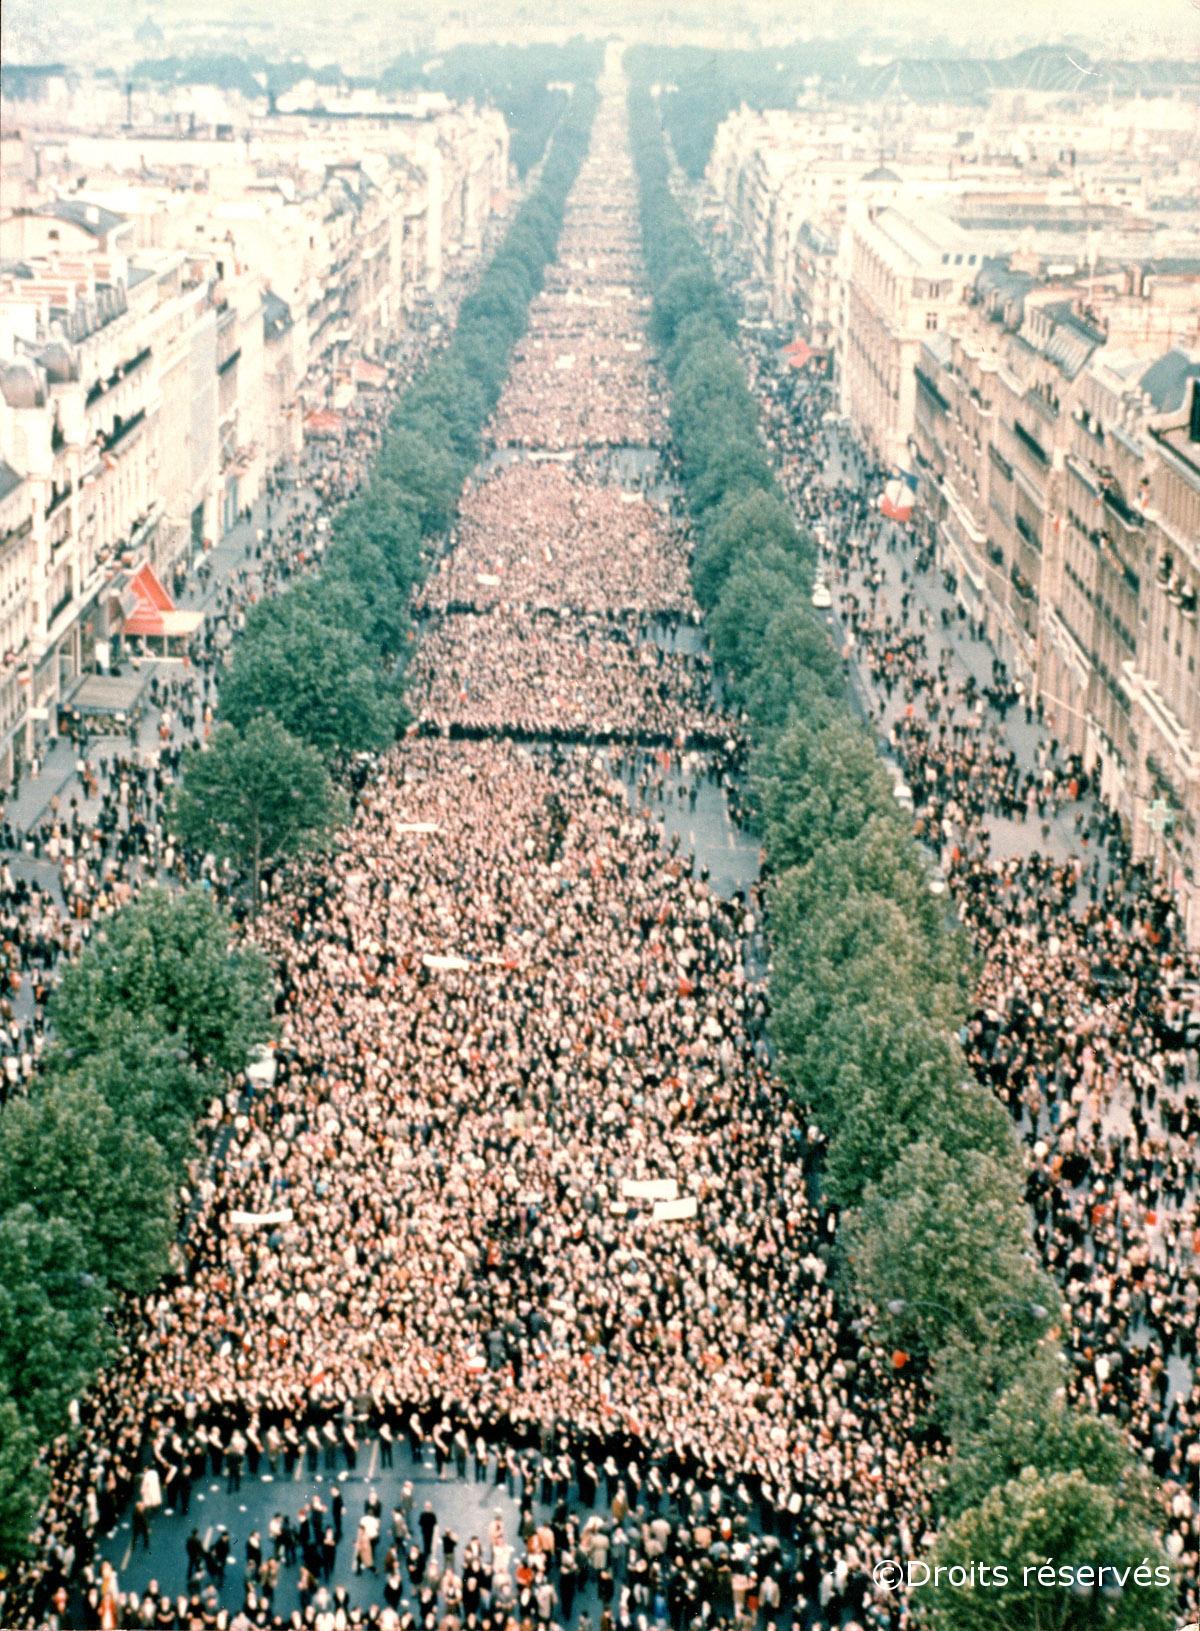 30/05/1968 : Dissolution de l'Assemblée nationale et manifestation en faveur du Général sur les Champs-Elysées